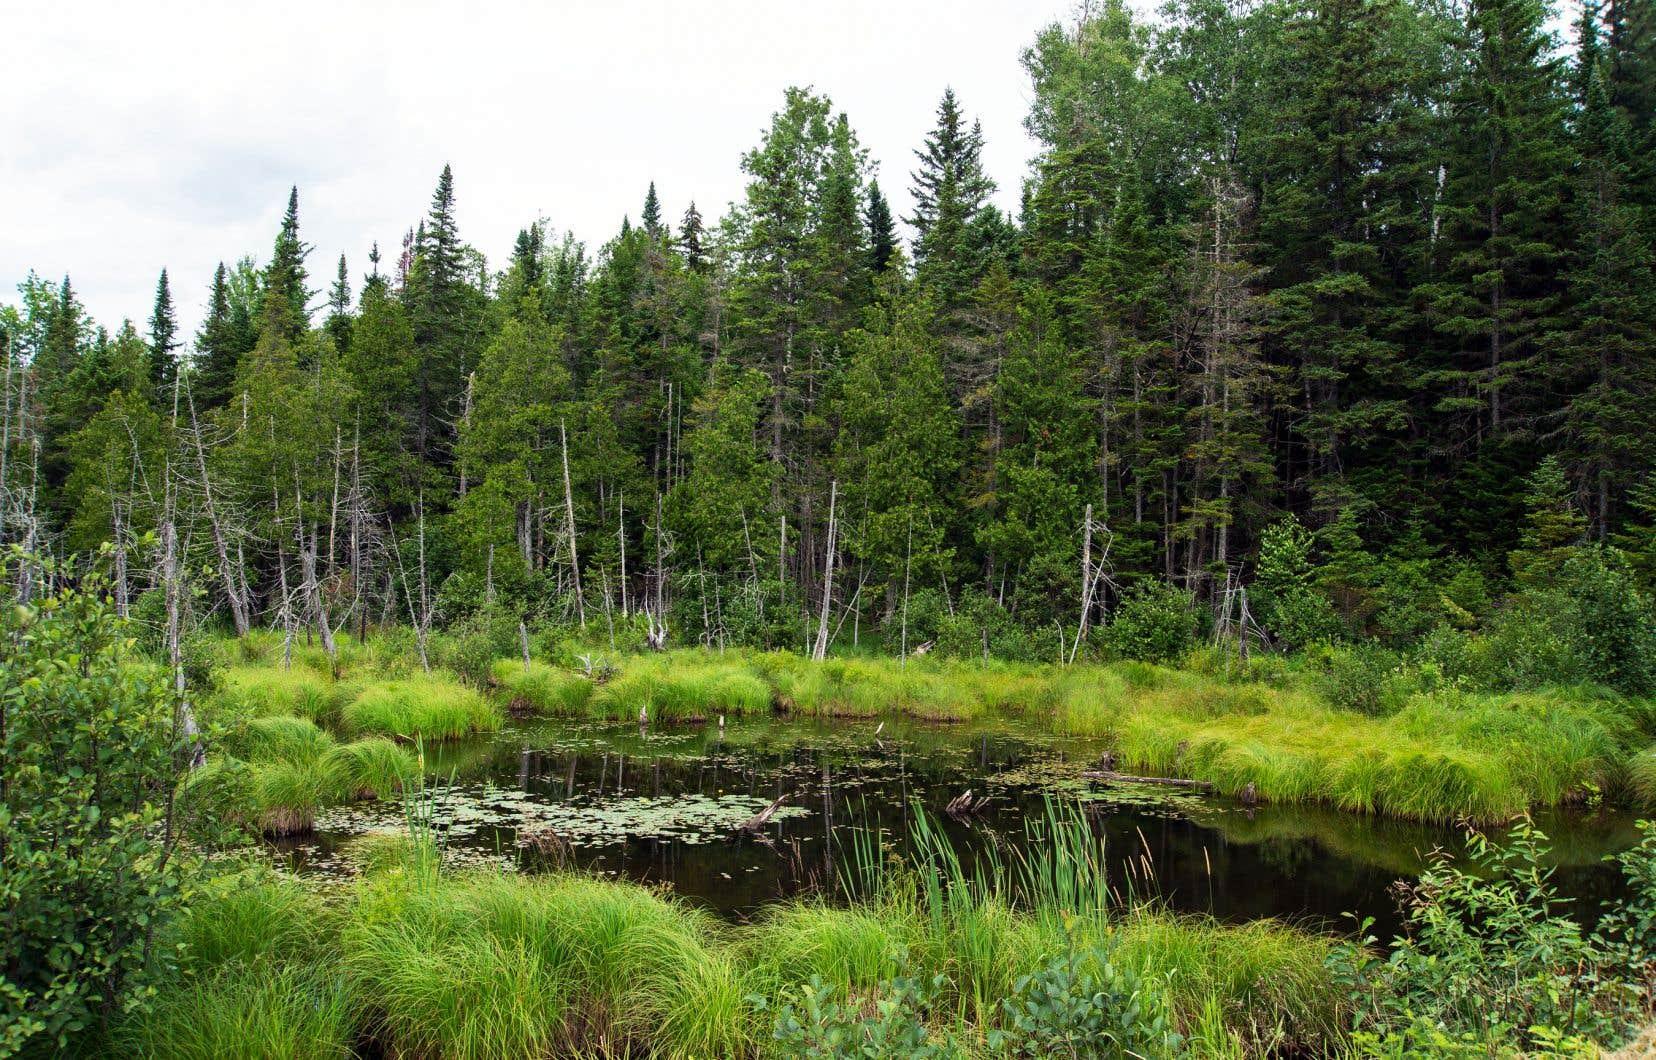 «Une reconnaissance et une meilleure gestion du carbone forestier permettraient à la fois de compenser les émissions de gaz à effet de serre sur notre territoire, et de contribuer à la protection des milieux humides et des vieilles forêts et, par le fait même, des écosystèmes et de la biodiversité qu'ils abritent», démontre l'auteur.